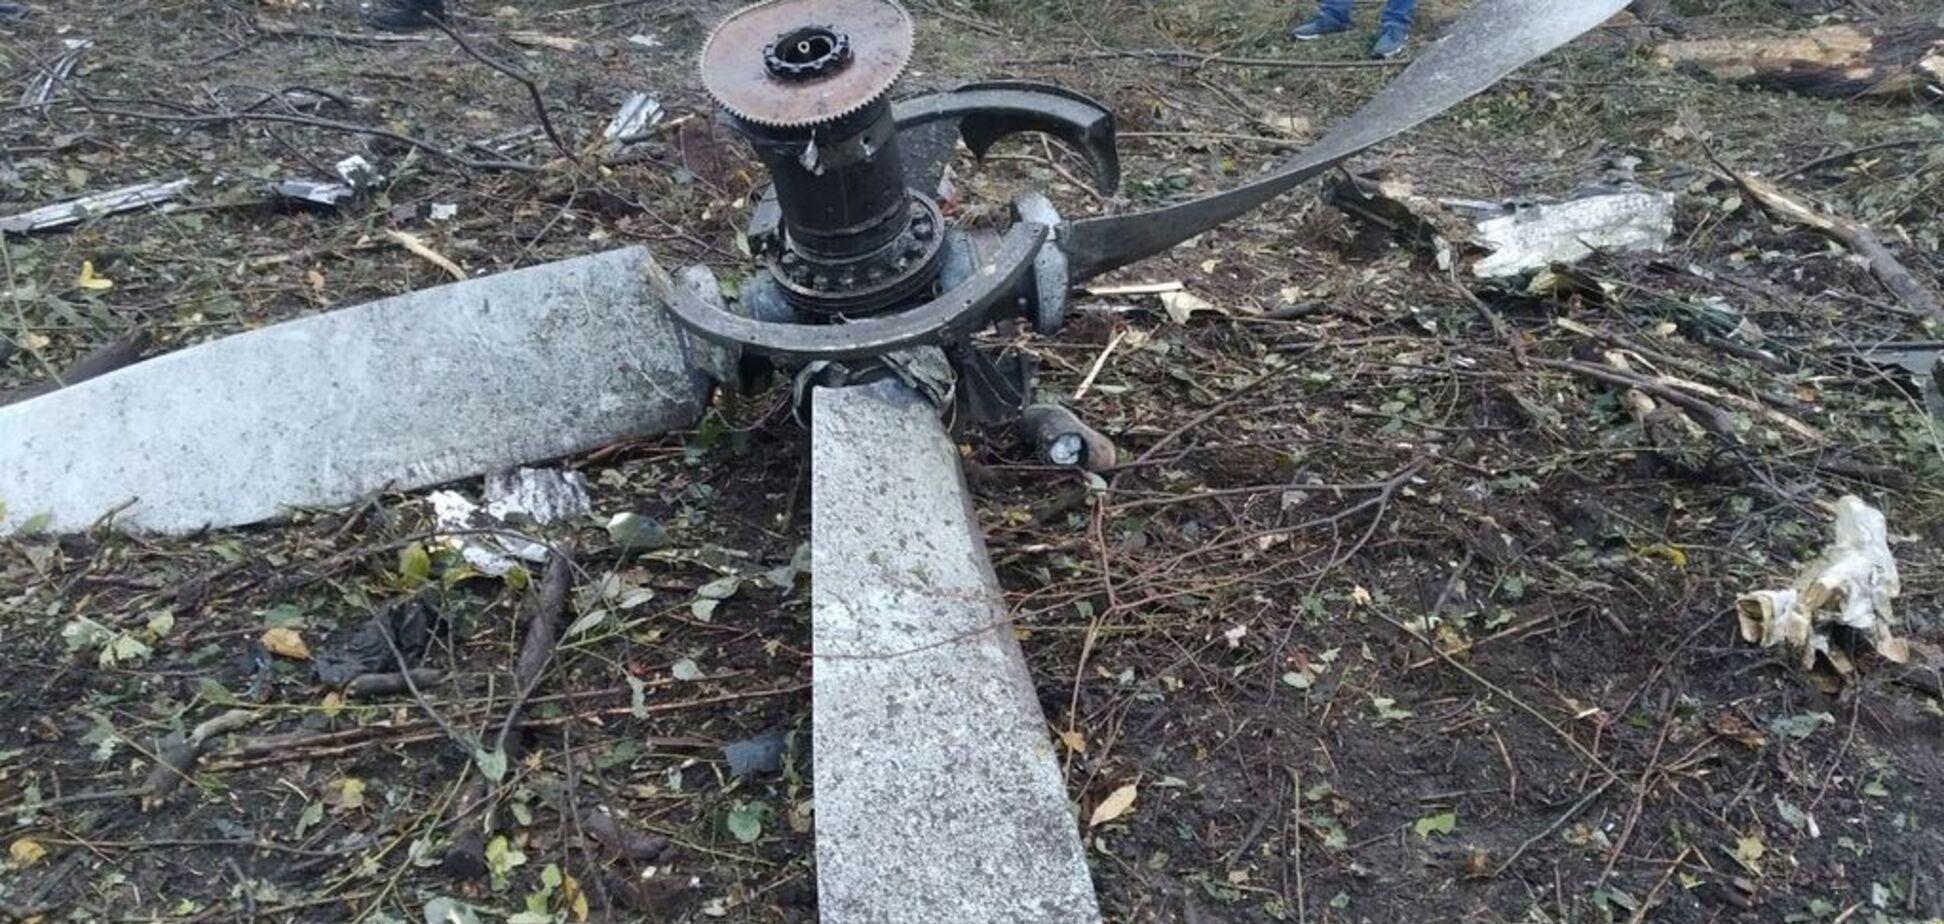 Катастрофа с самолетом под Львовом: названа неожиданная причина